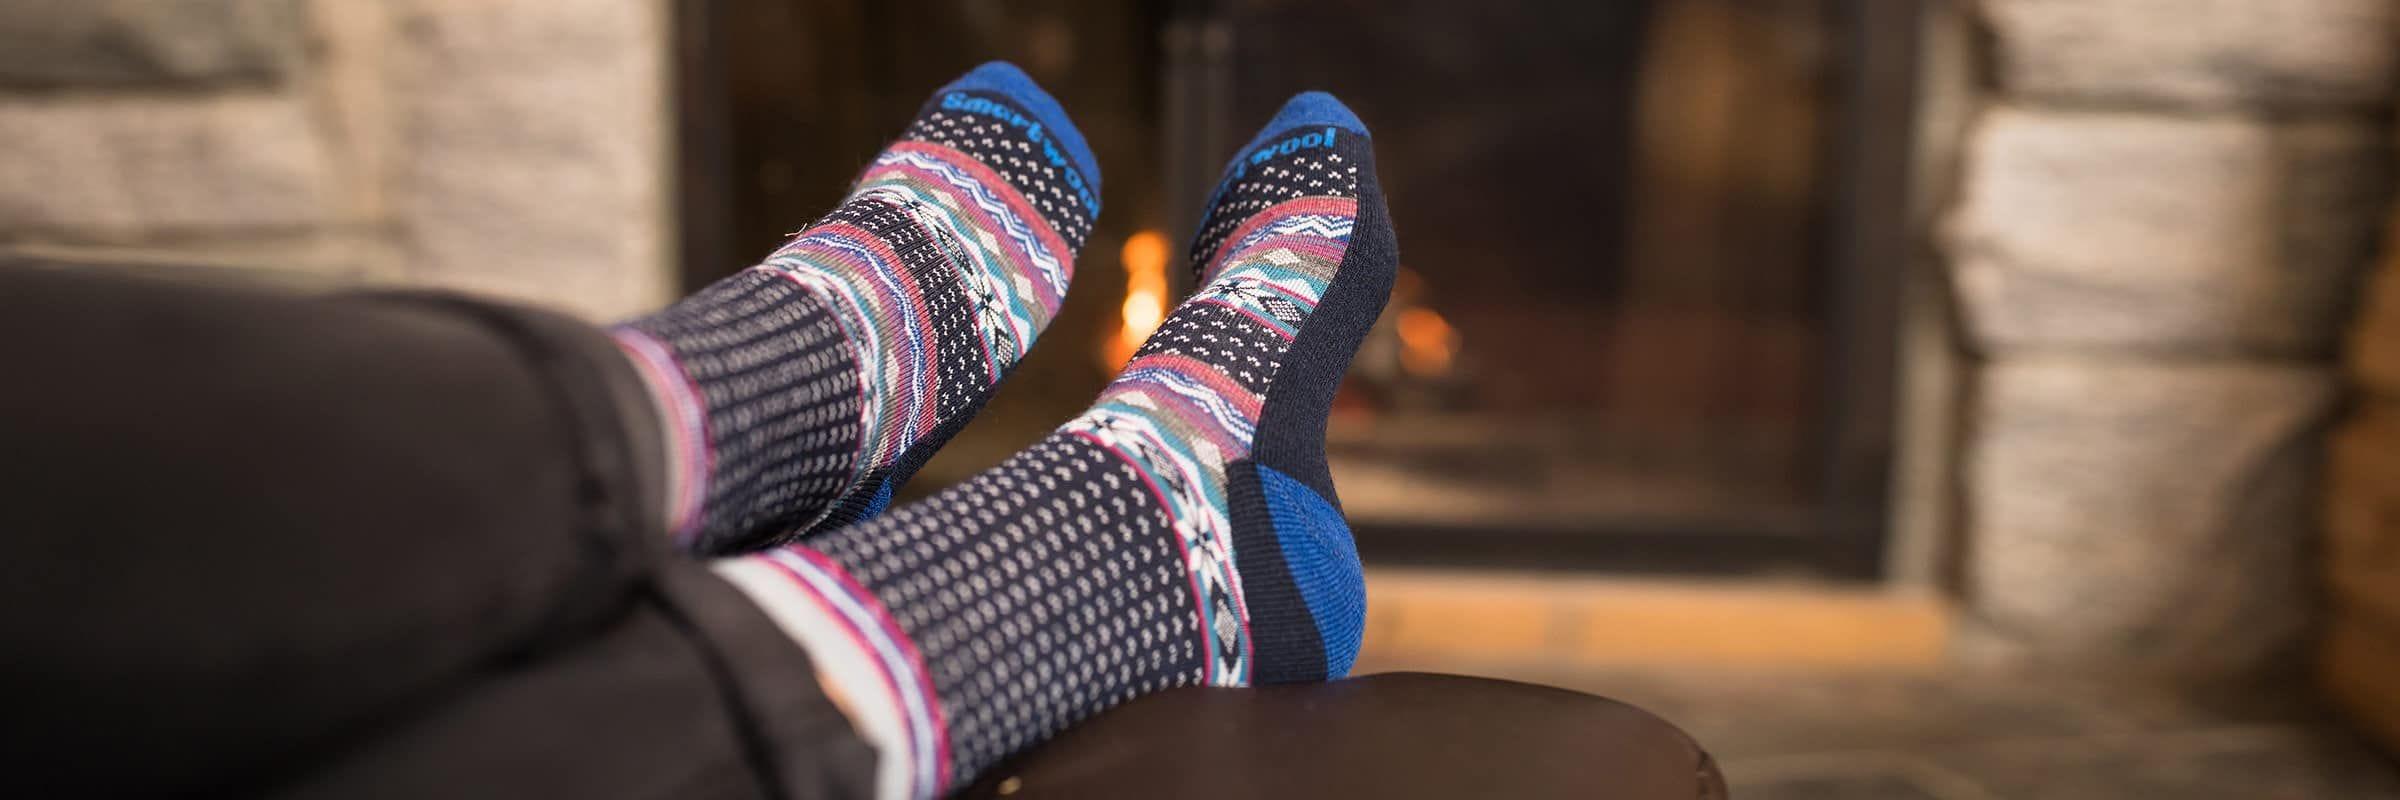 Les meilleurs chaussettes à offrir en cadeaux